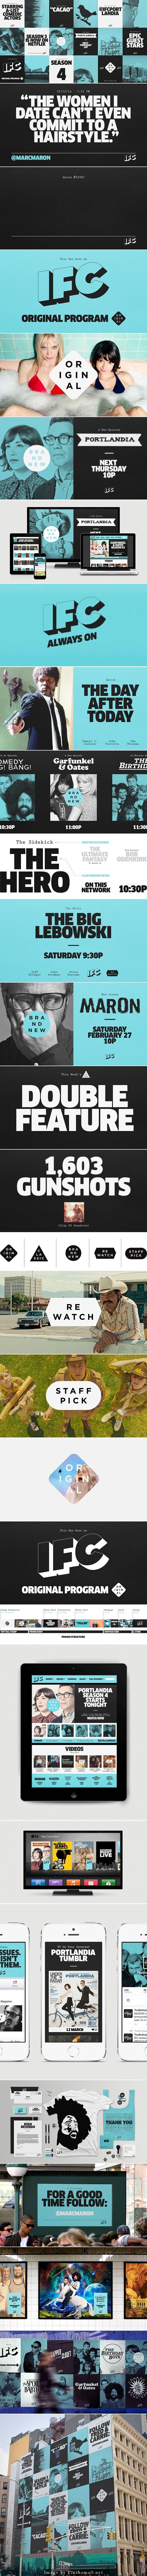 https://www.behance.net/gallery/17959271/IFC-Rebrand